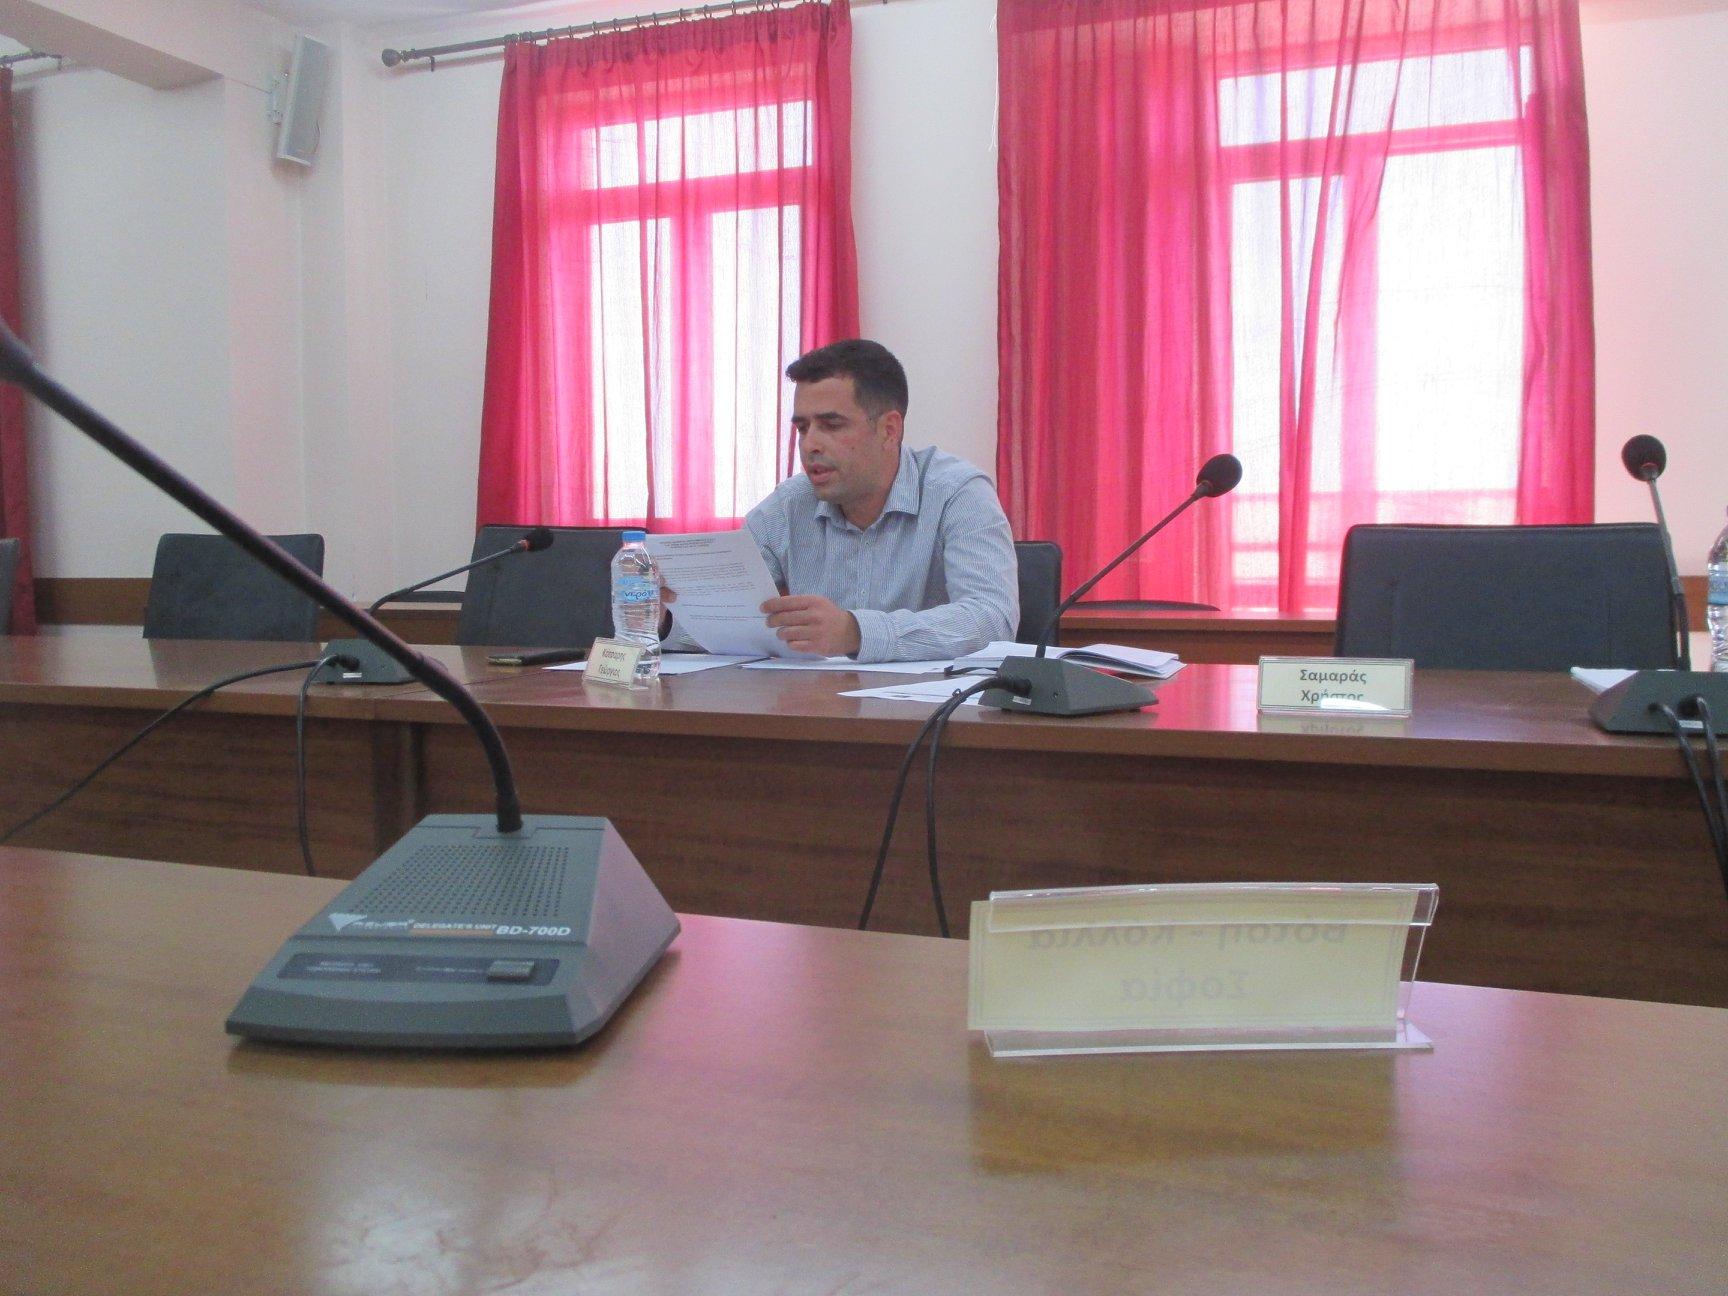 Αναπτυξιακή Εύβοιας, Αναπτυξιακή Εύβοιας: Συνεδρίασαν για το πρόγραμμα Leader για Νότια Εύβοια και Σκύρο, Eviathema.gr | Εύβοια Τοπ Νέα Ειδήσεις